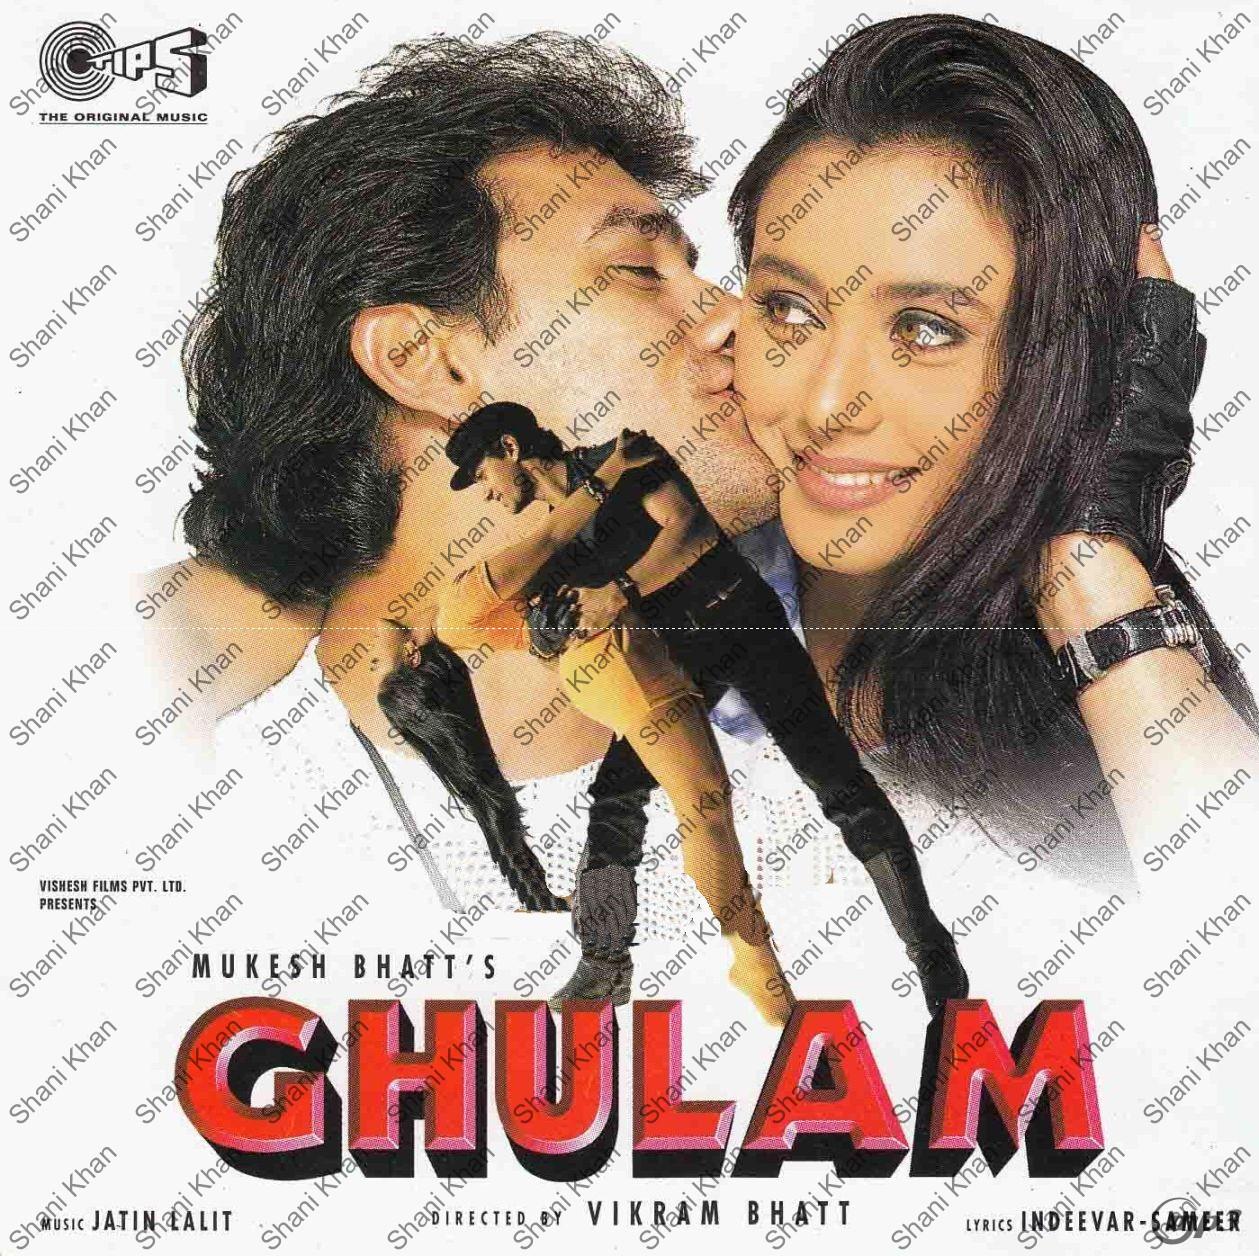 Main to panjtan ka ghulam mp3 download.